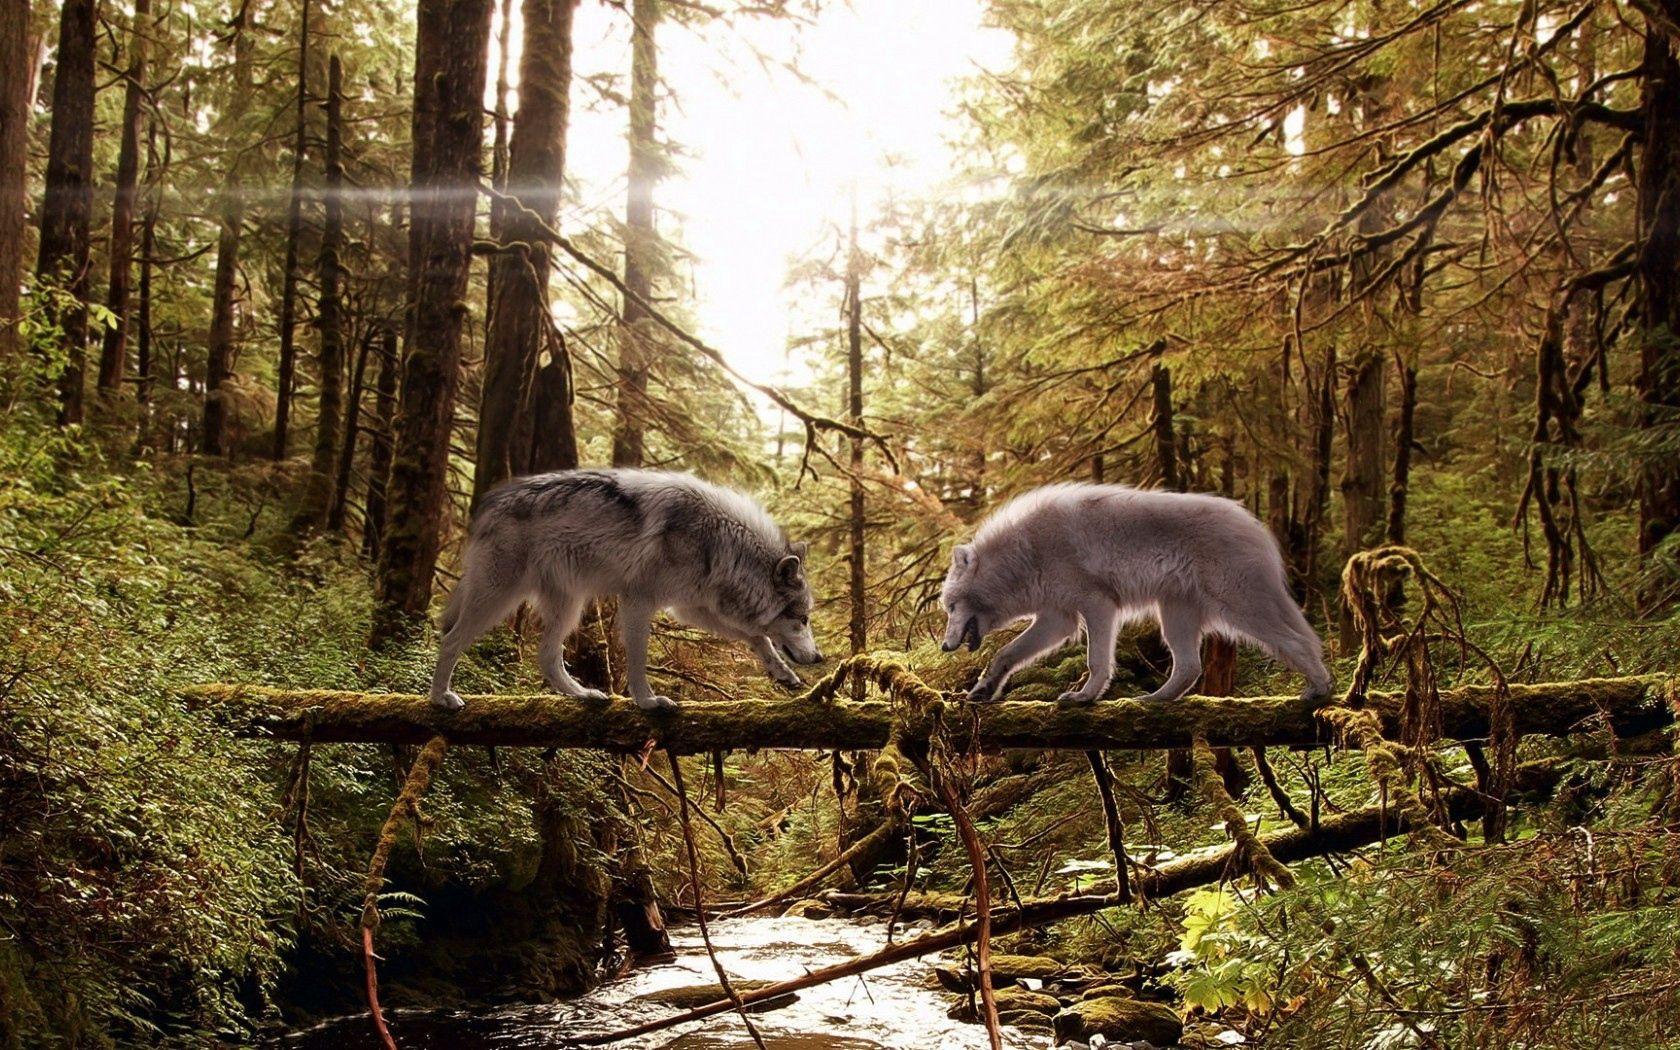 89441 Hintergrundbild herunterladen Wölfe, Tiere, Nadeln, Holz, Wald, Paar, Baum, Moos, Moss, Kofferraum - Bildschirmschoner und Bilder kostenlos